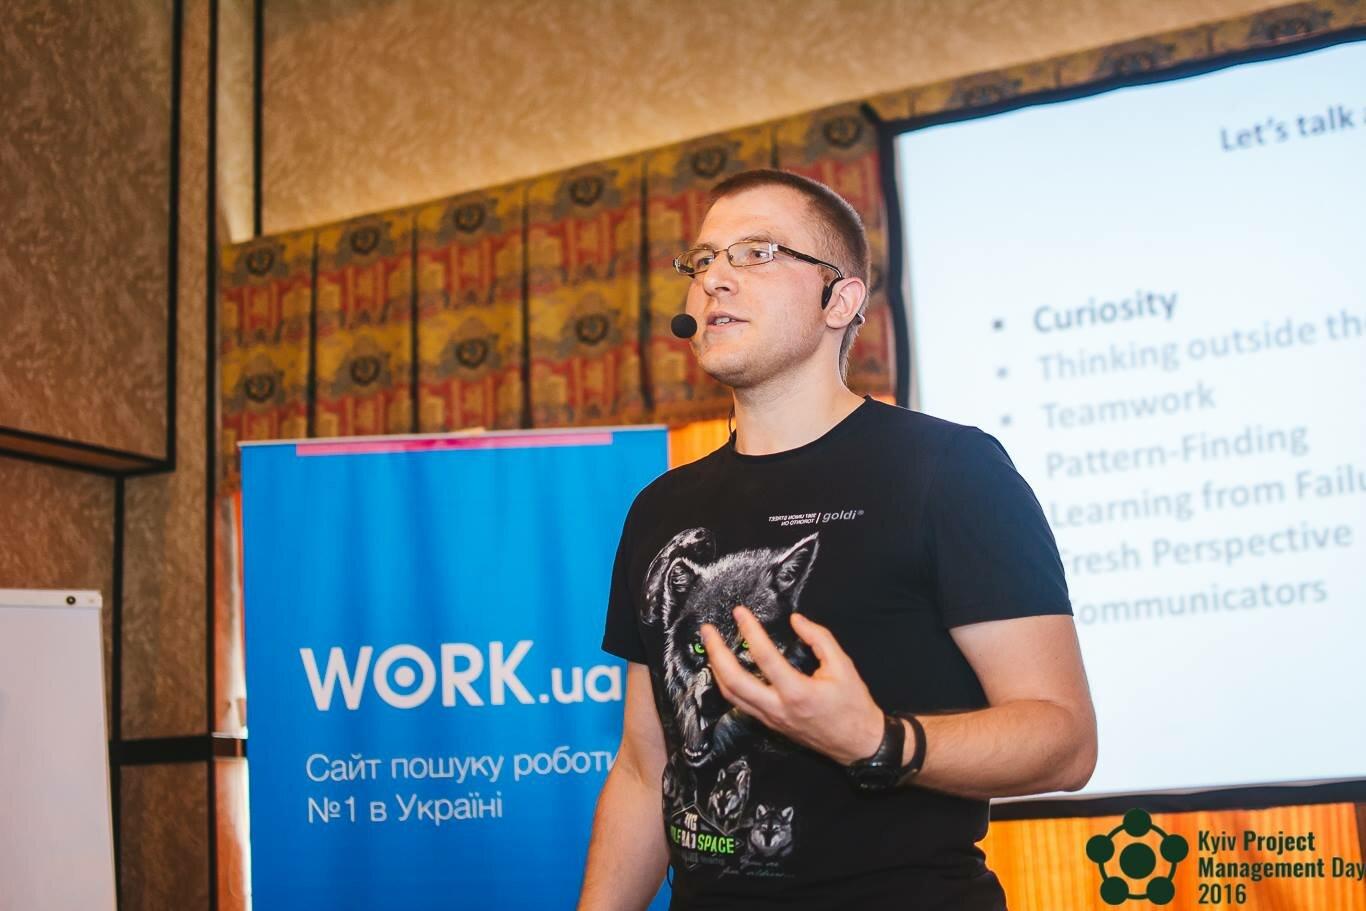 П'ять порад молодим проектним менеджерам ІТ індустрії від Царя Мар'яна